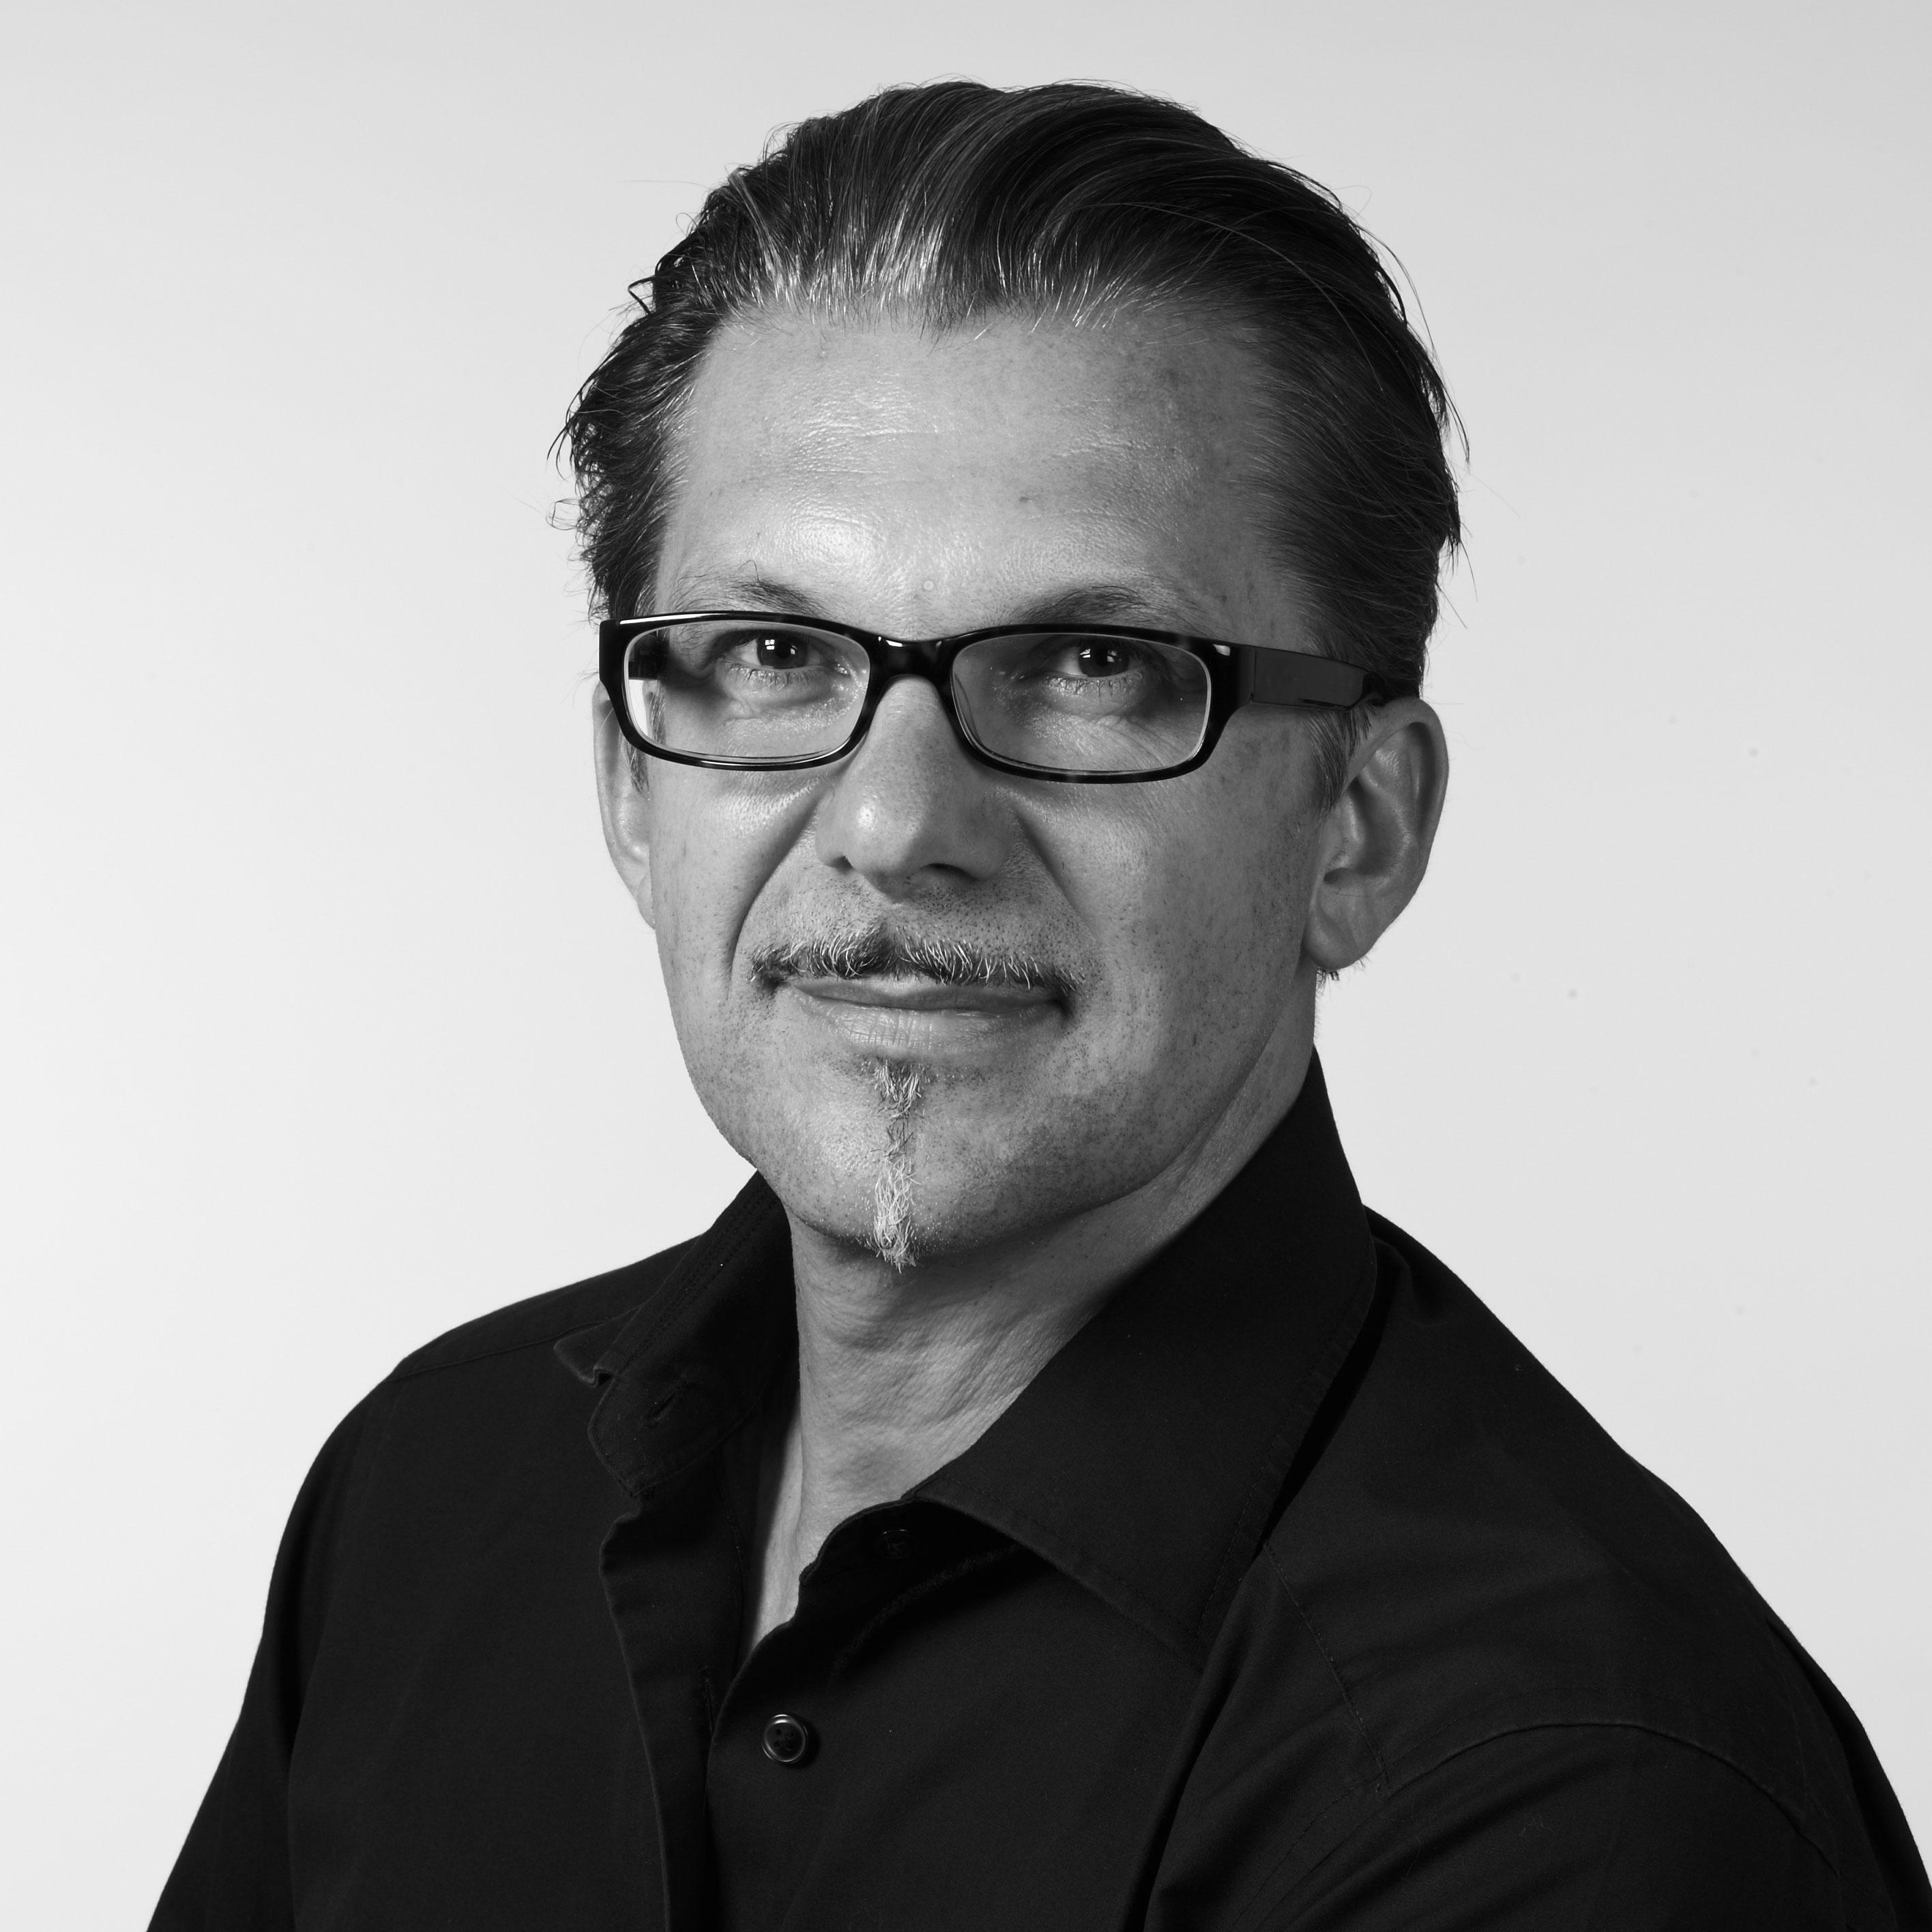 Werner Baumhakl